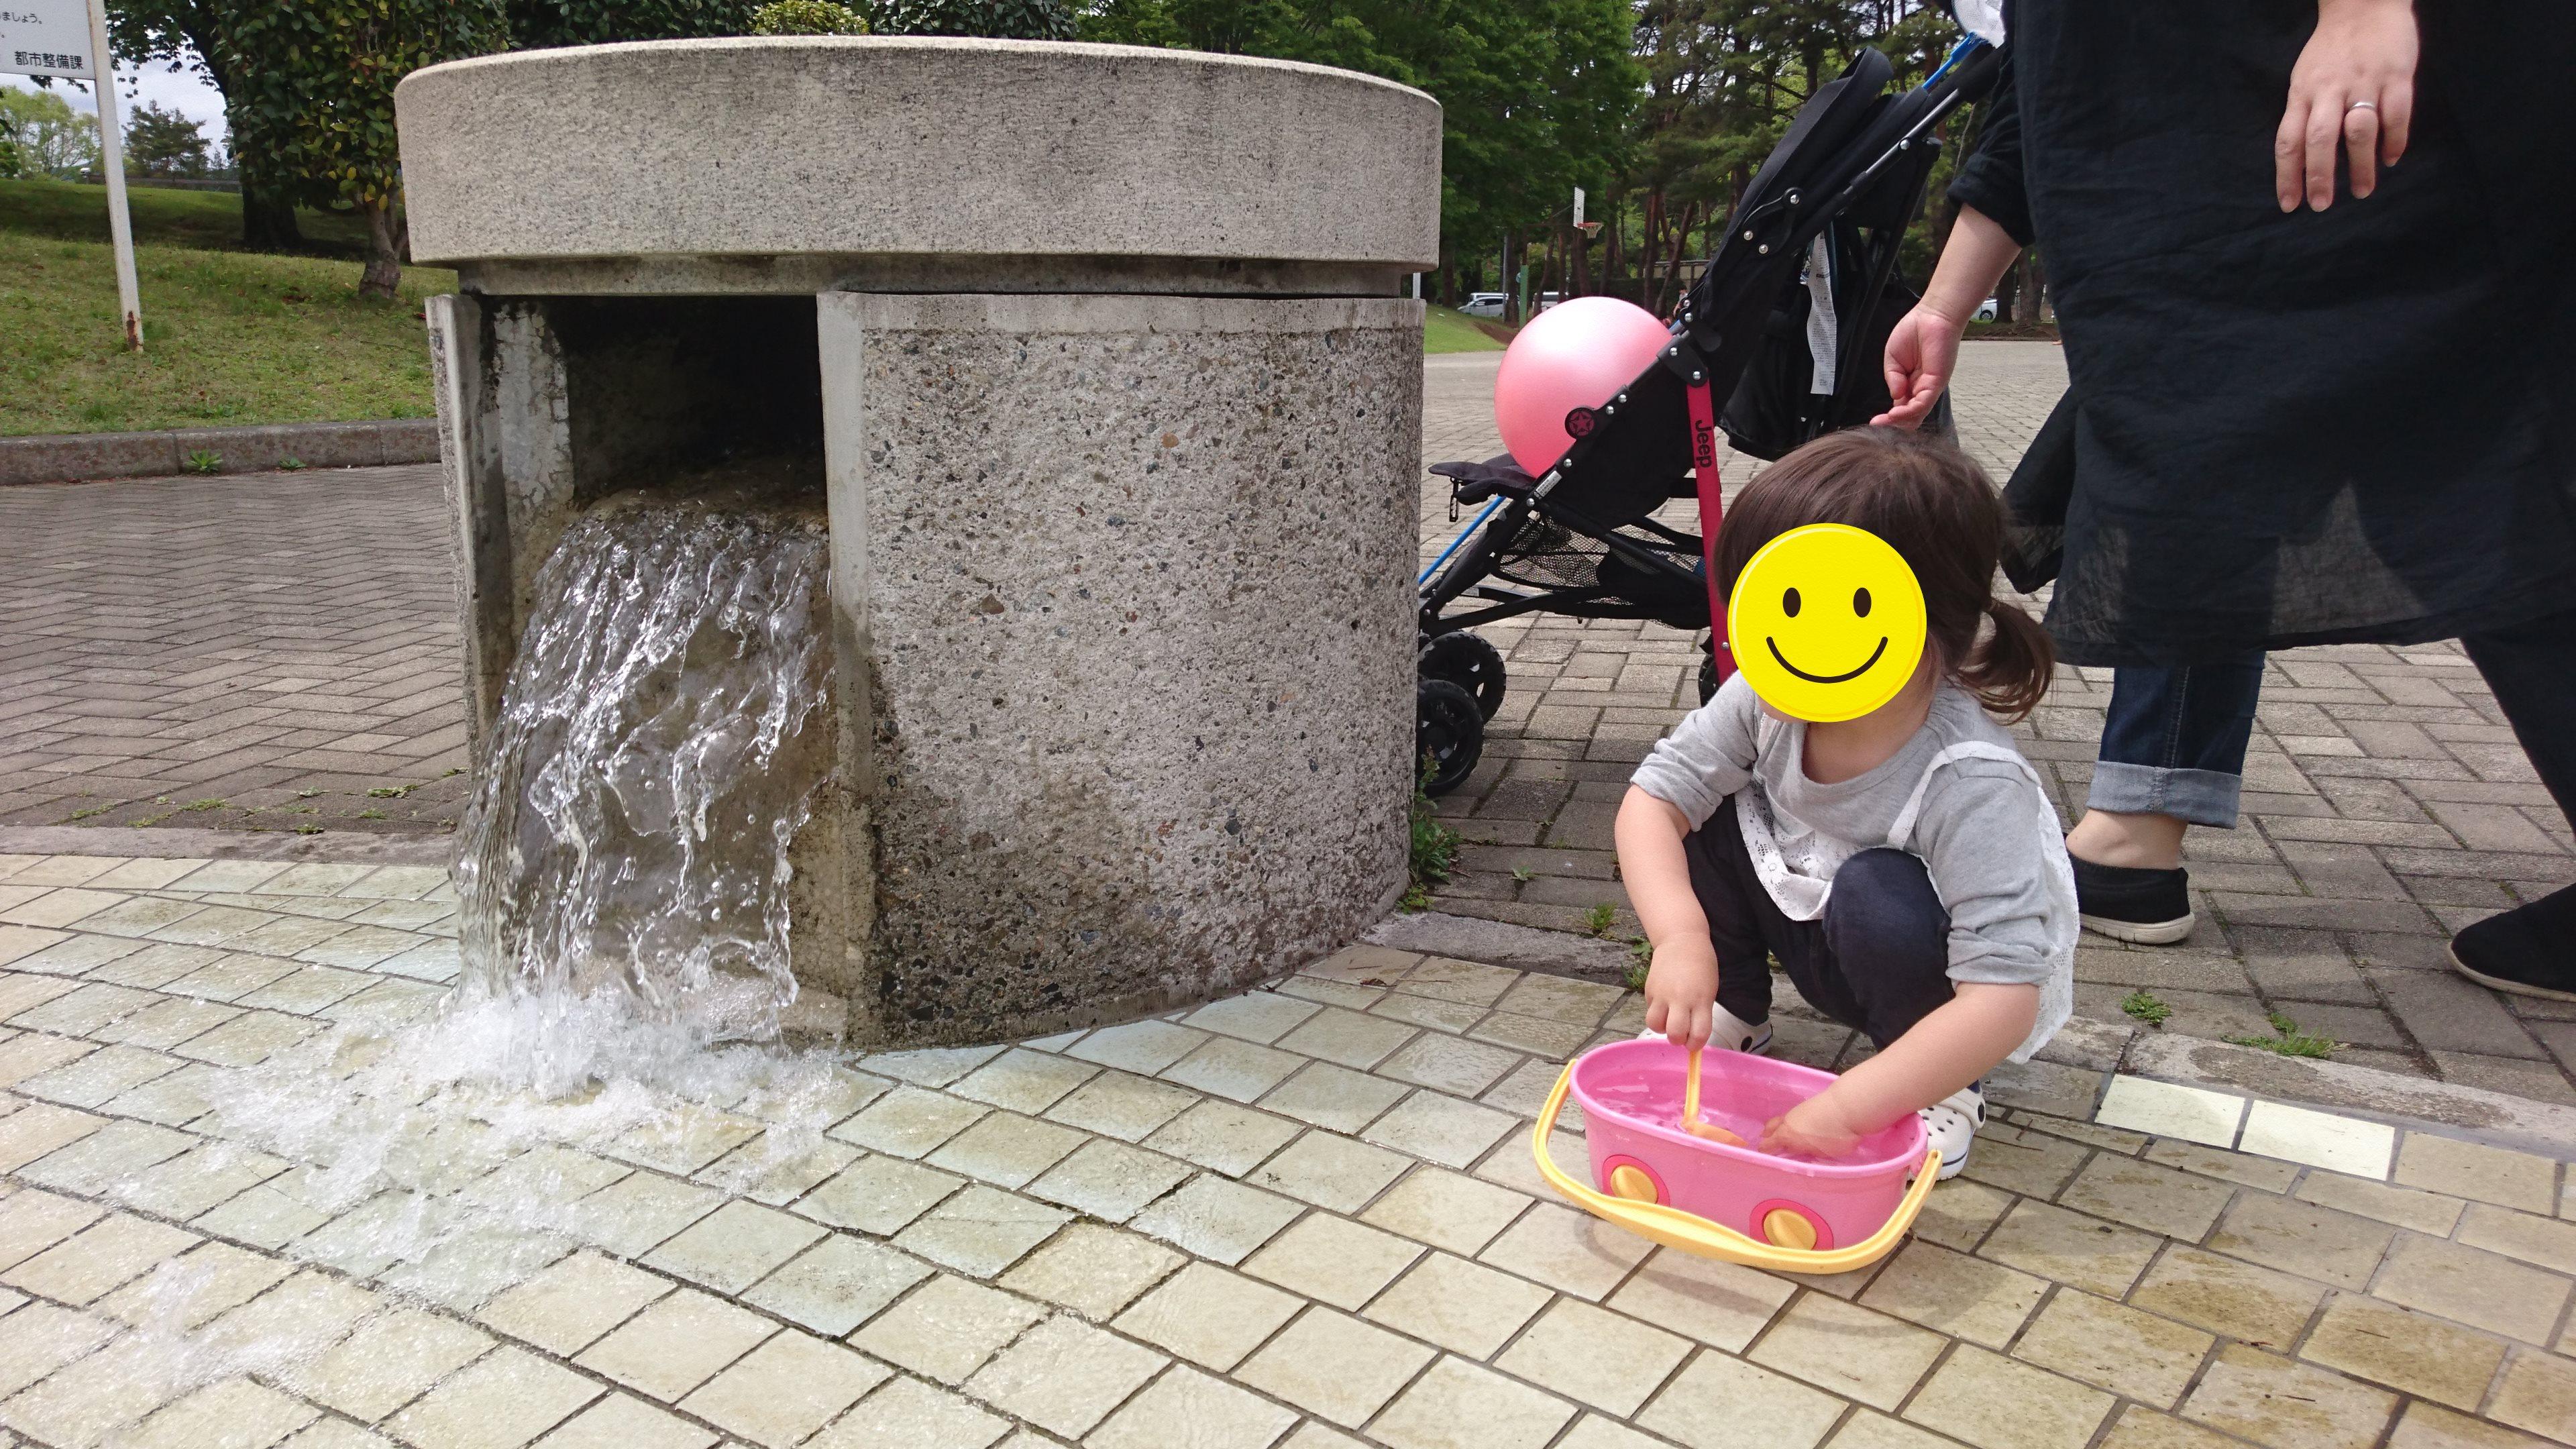 ジャブジャブ出てくる水で水遊び